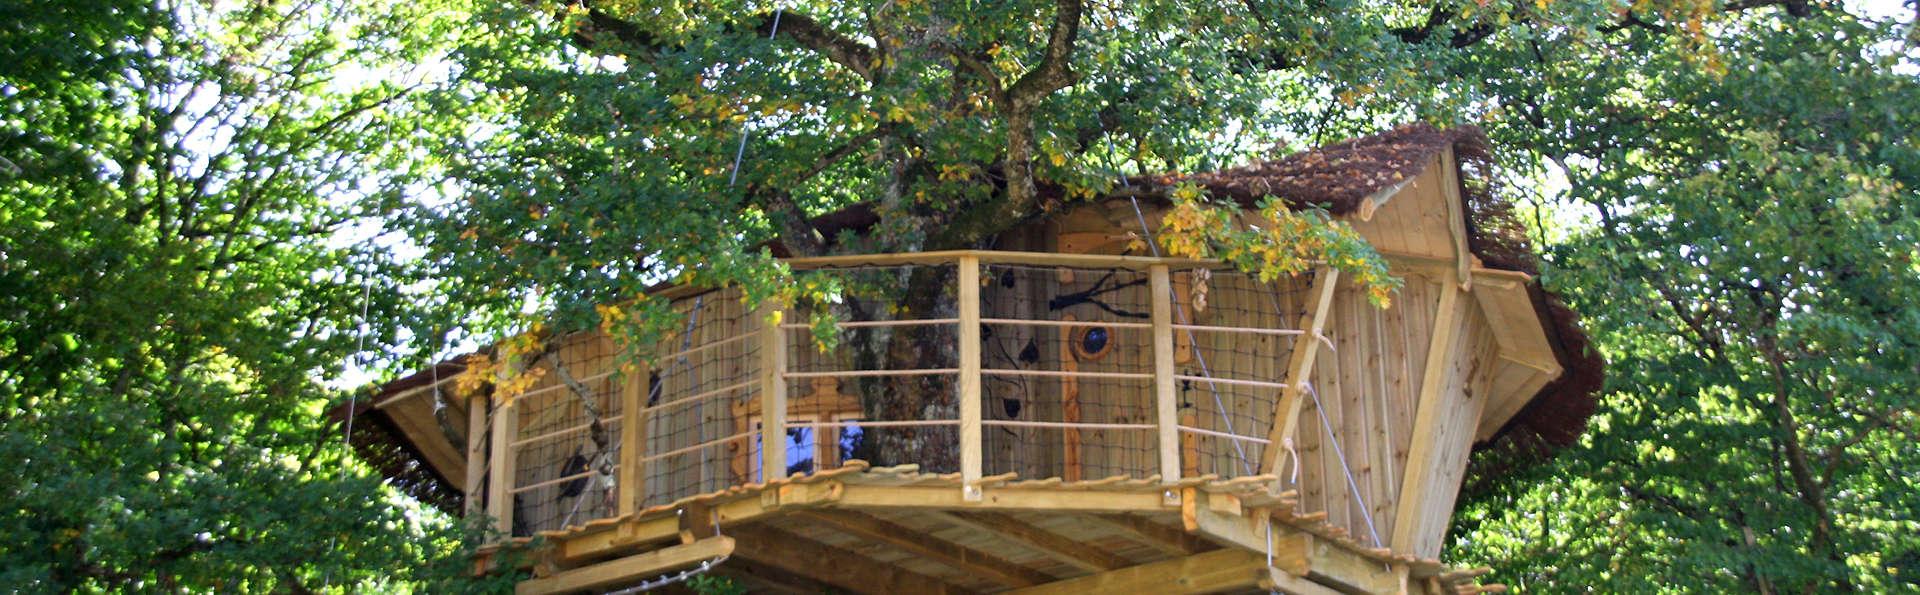 Week-end en famille dans une maison dans les arbres près de Poitiers